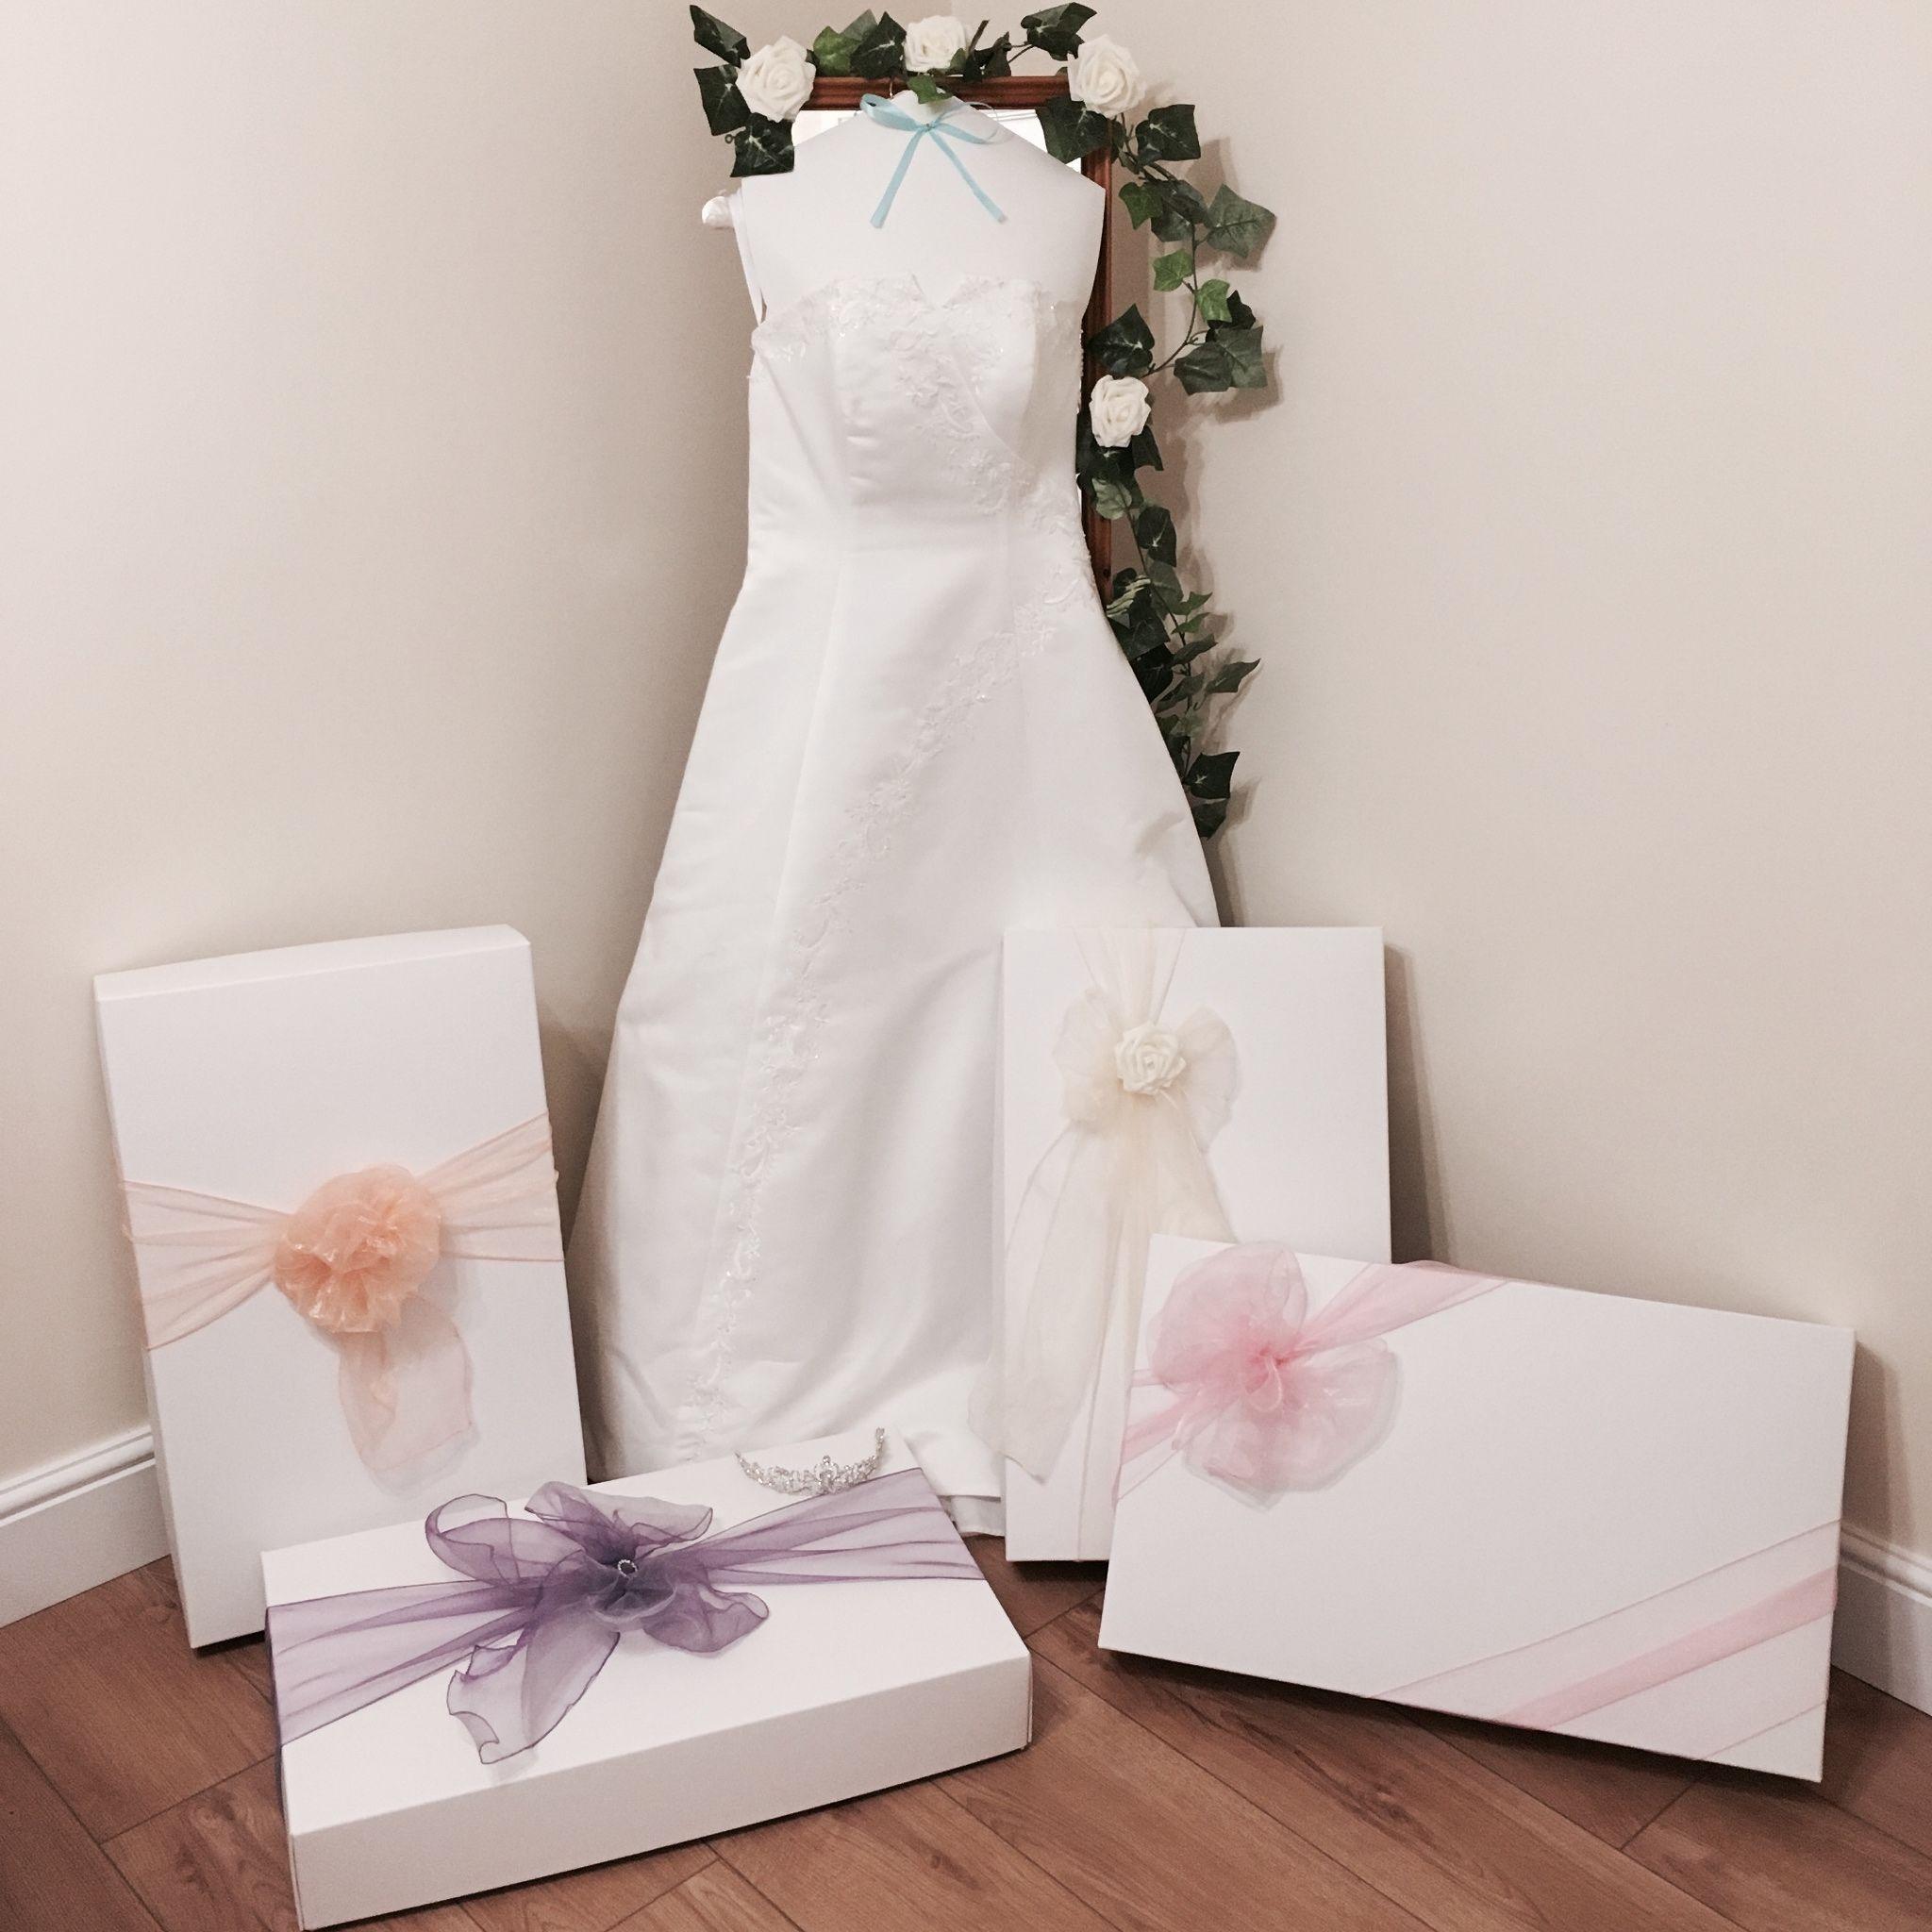 LARGE RANGE OF WEDDING DRESS STORAGE BOXES